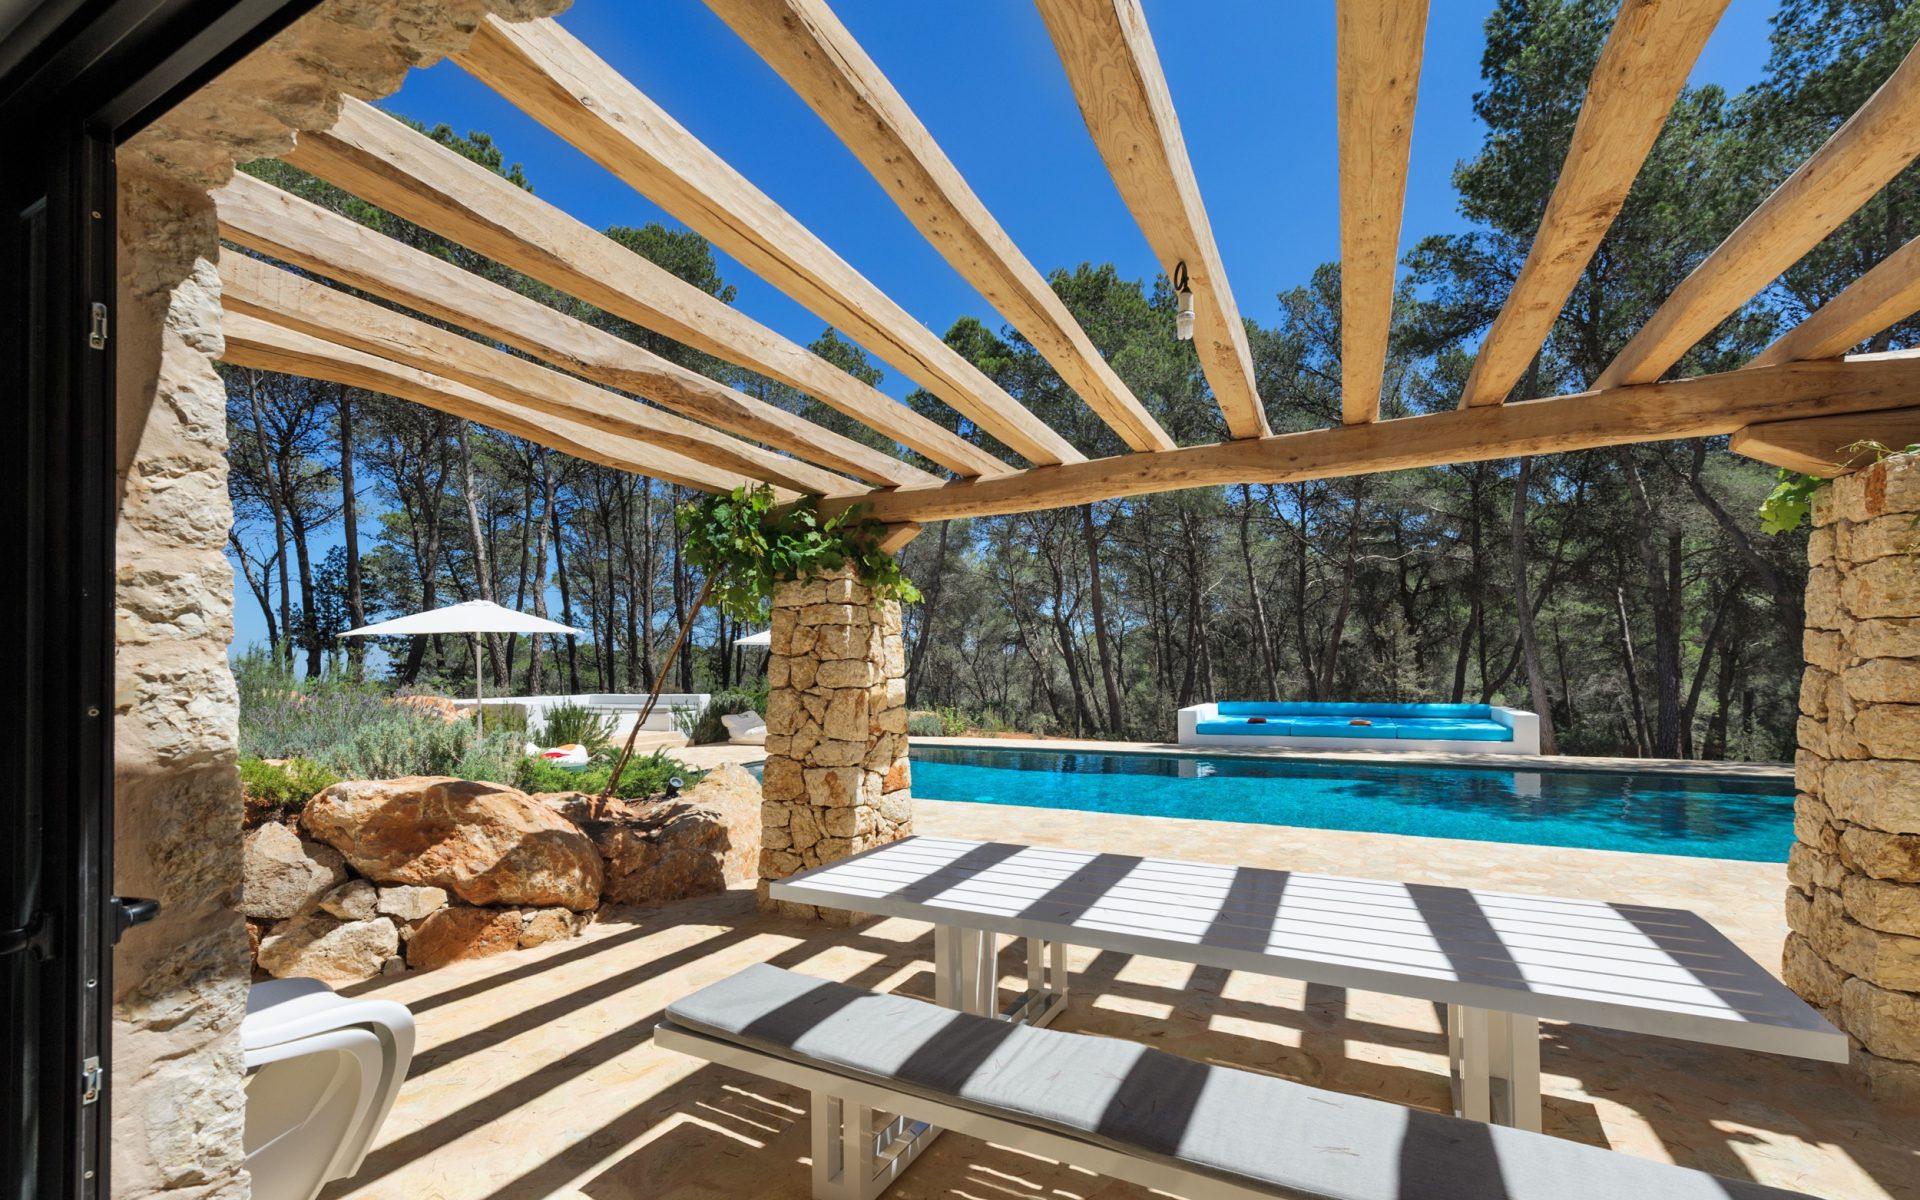 Ibiza Property Management